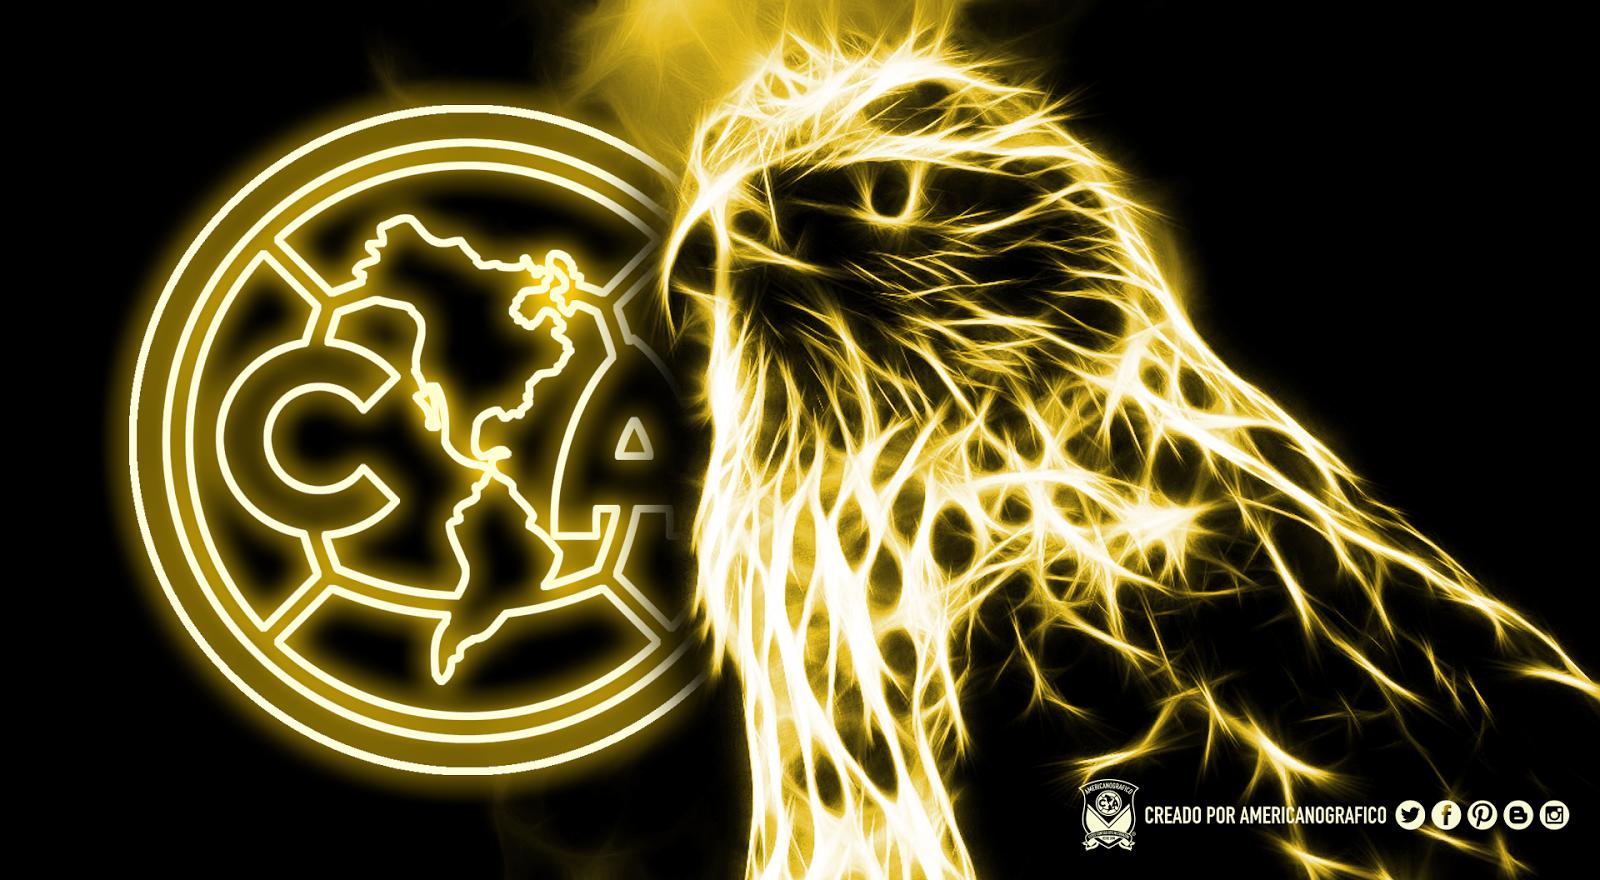 AMERICAnografico: Club América • Águila